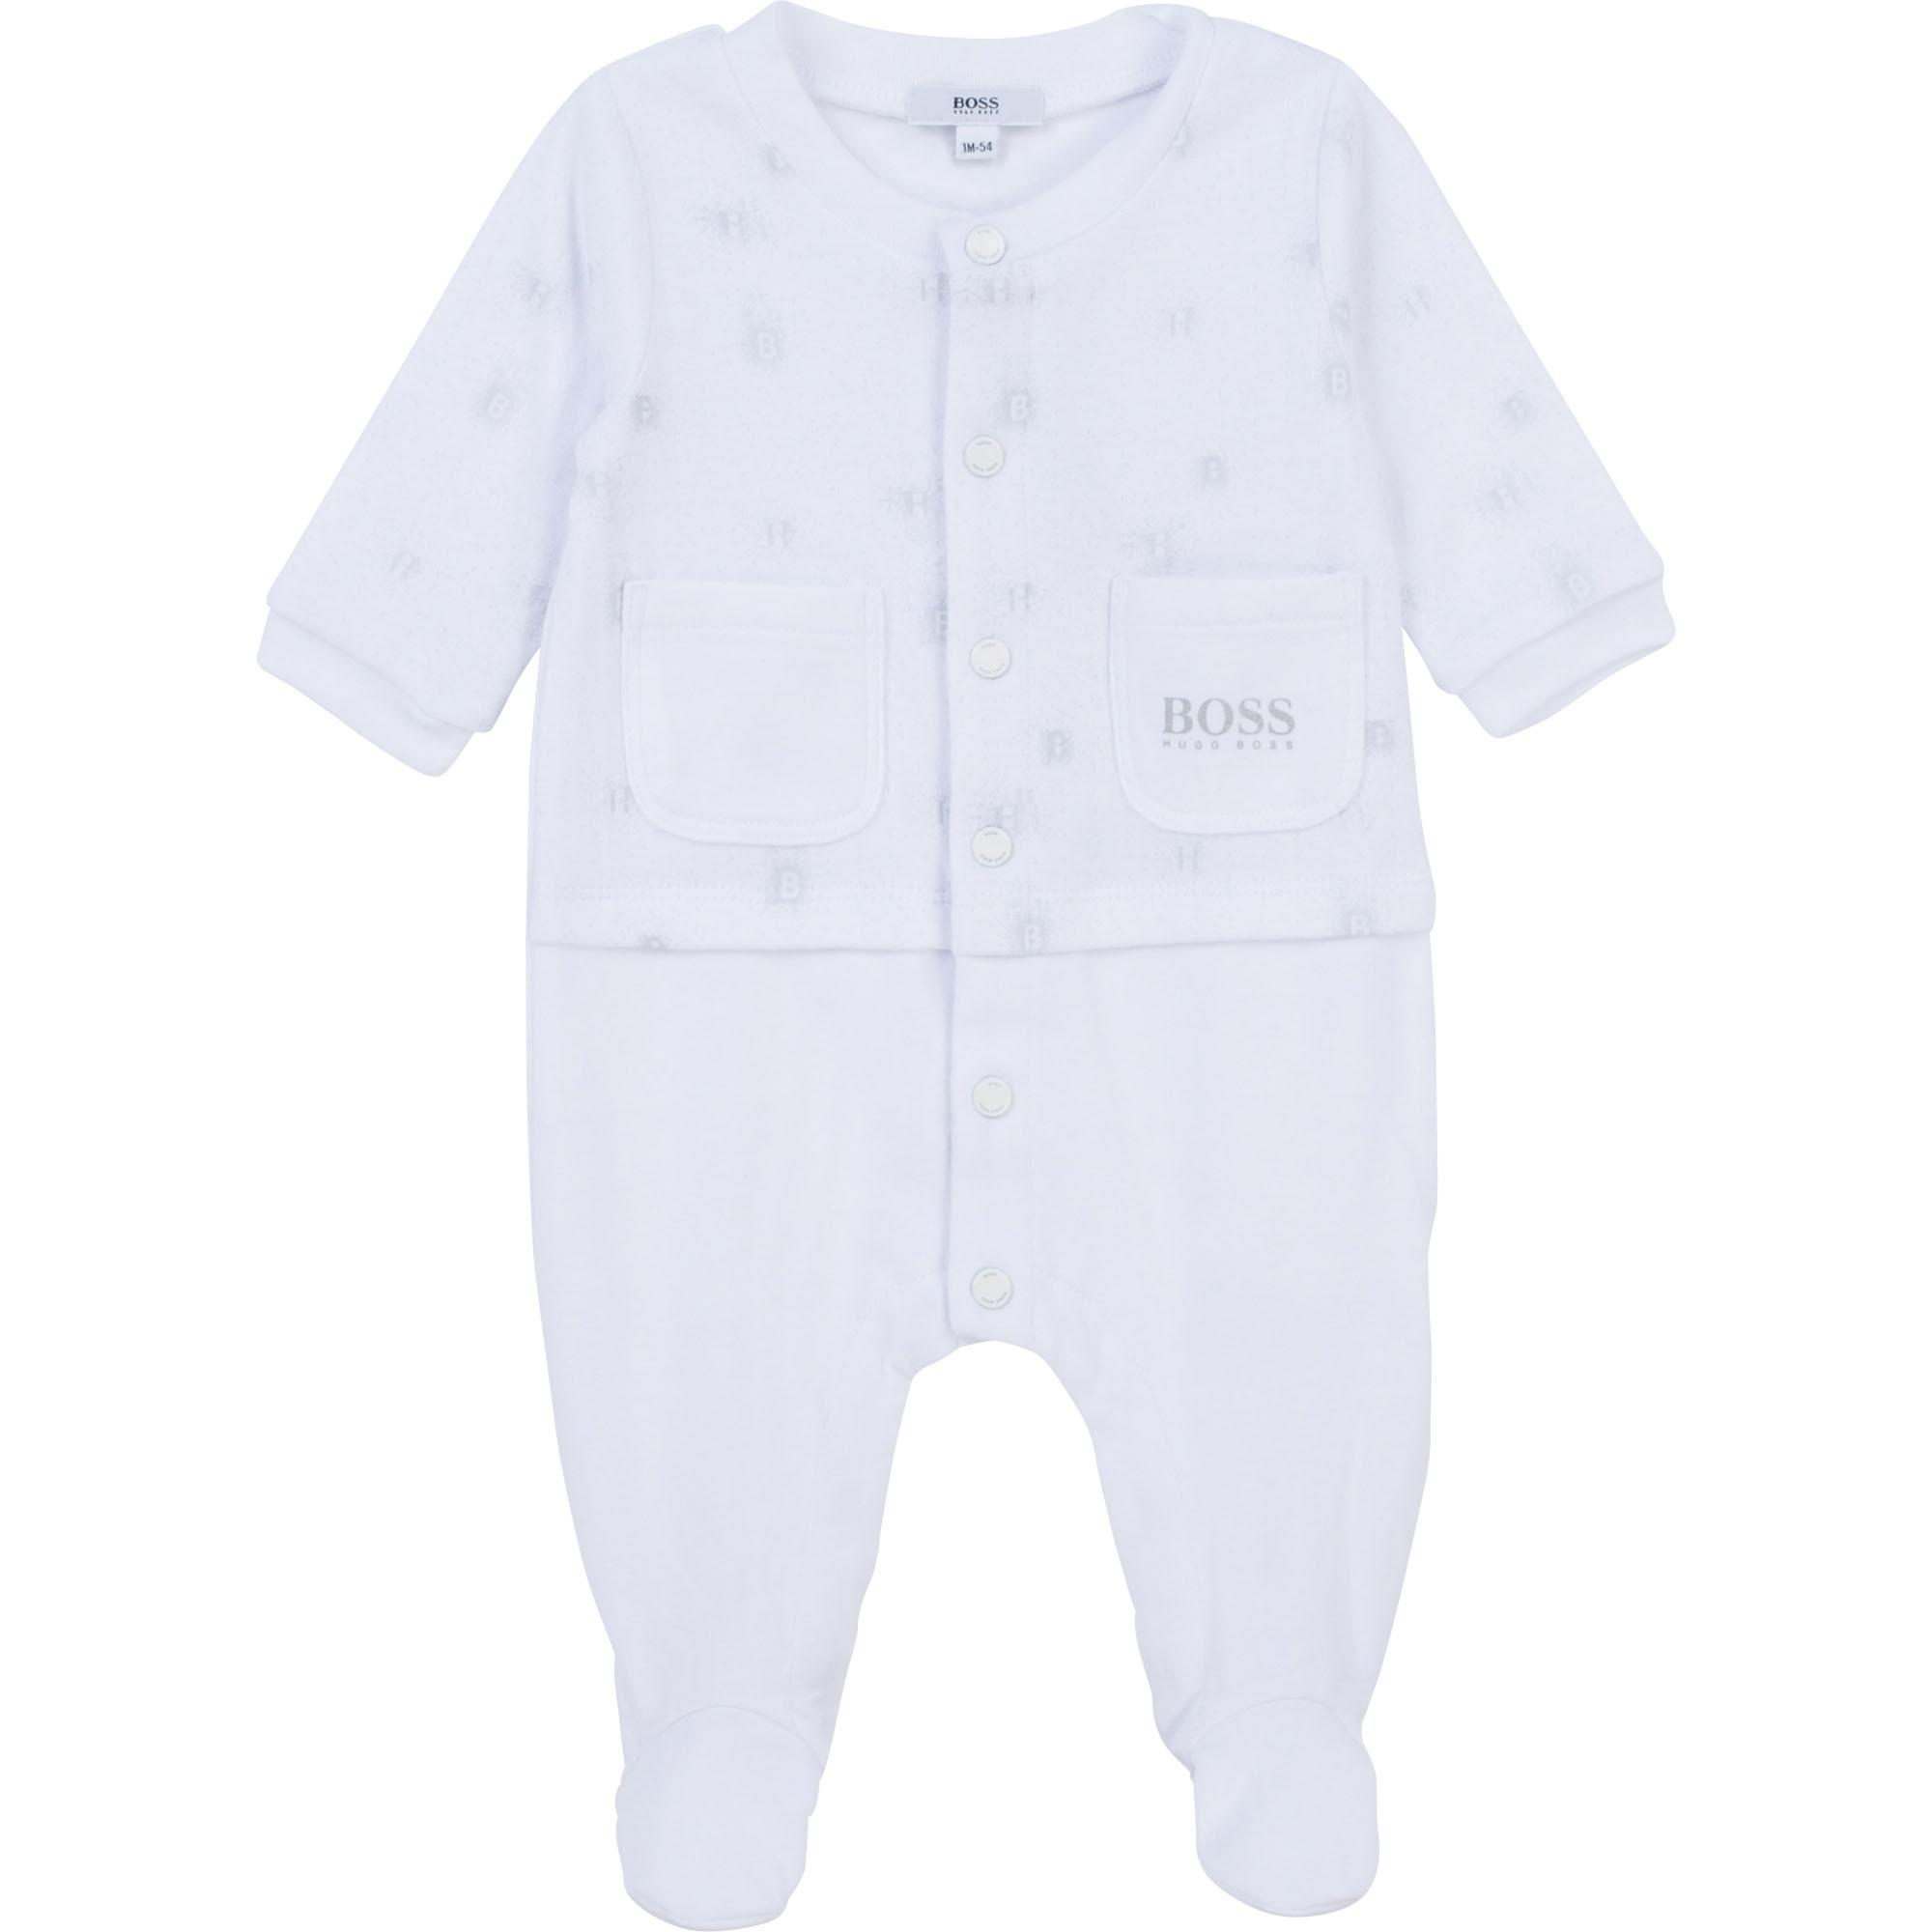 Pyjama en coton avec imprimé BOSS BEBE COUCHE UNISEXE Blanc